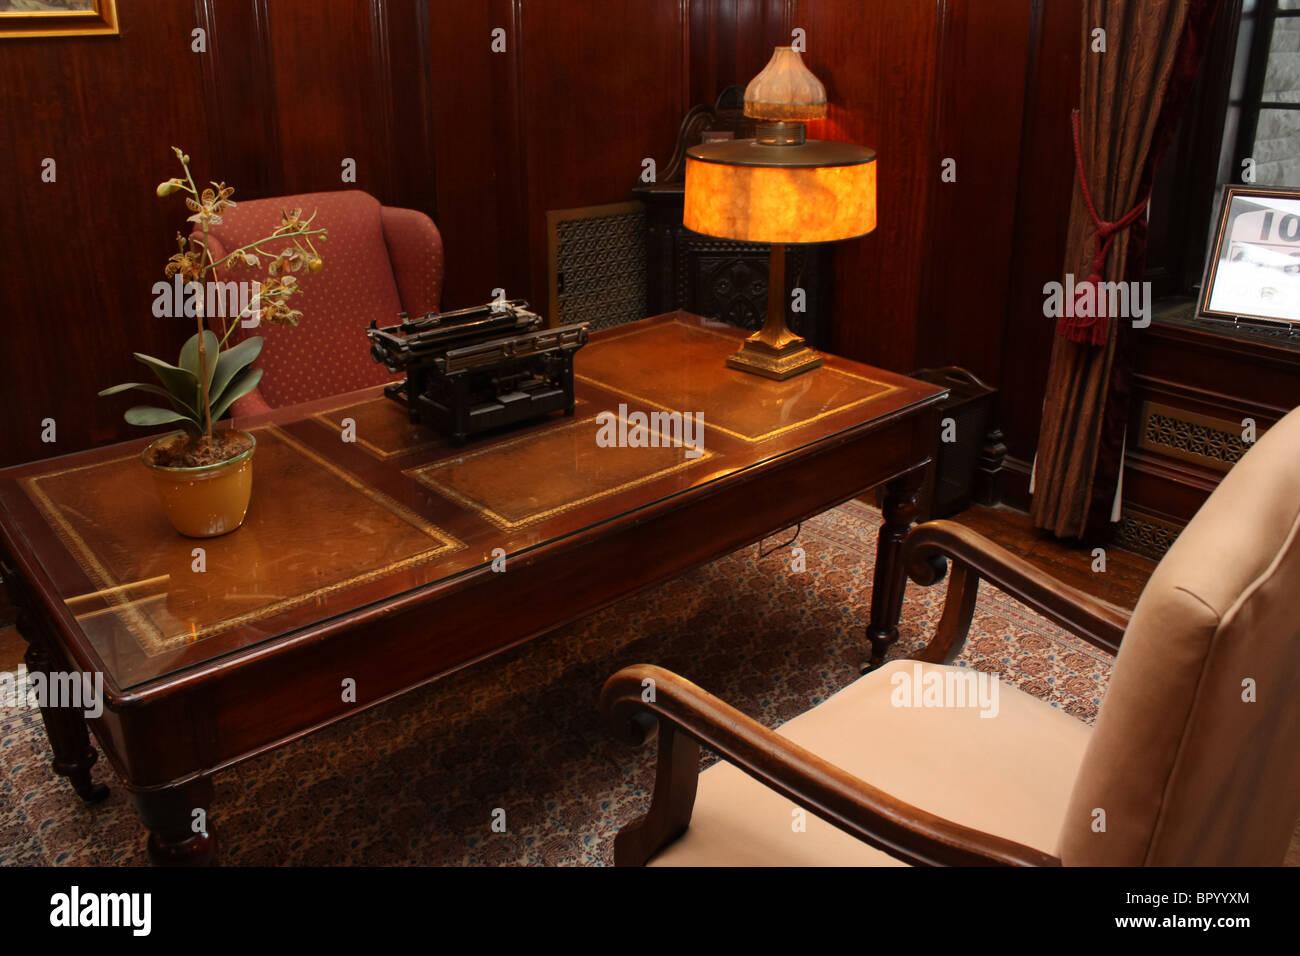 Retro Vintage Buro Stuhl Schreibmaschine Schreibtischlampe Stockfoto